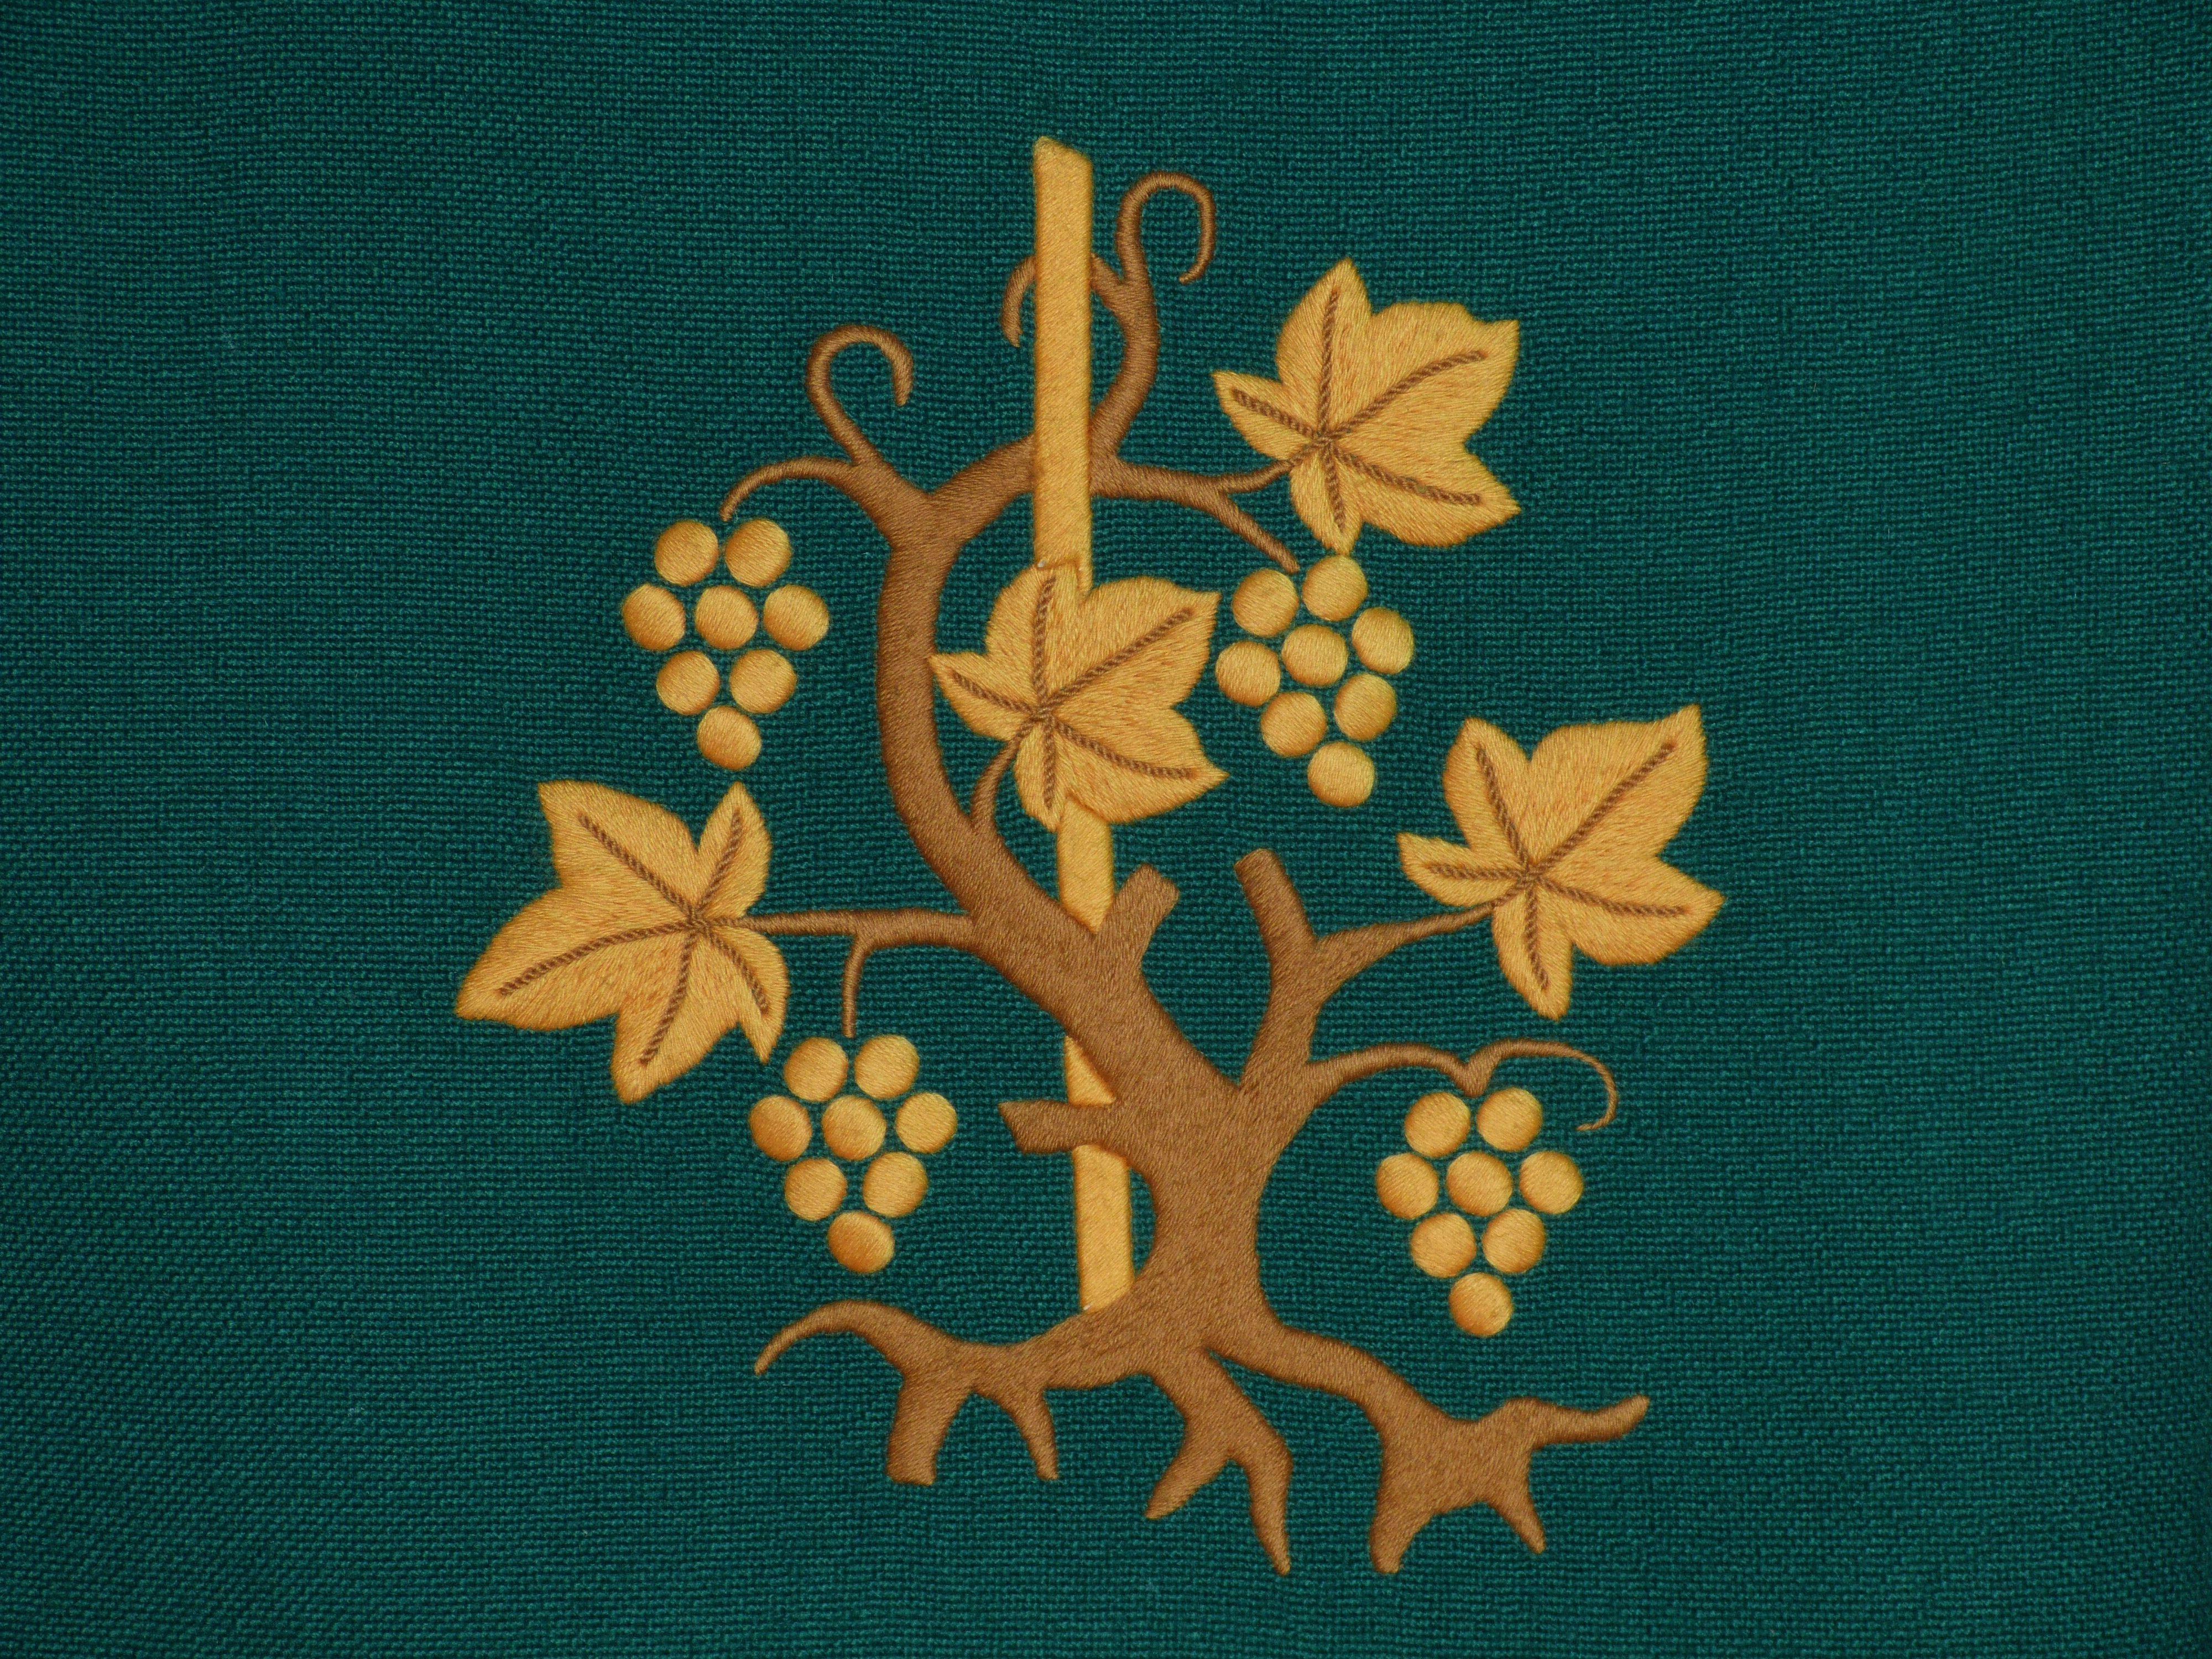 Fotos gratis : árbol, planta, vid, vino, flor, patrón, verde ...